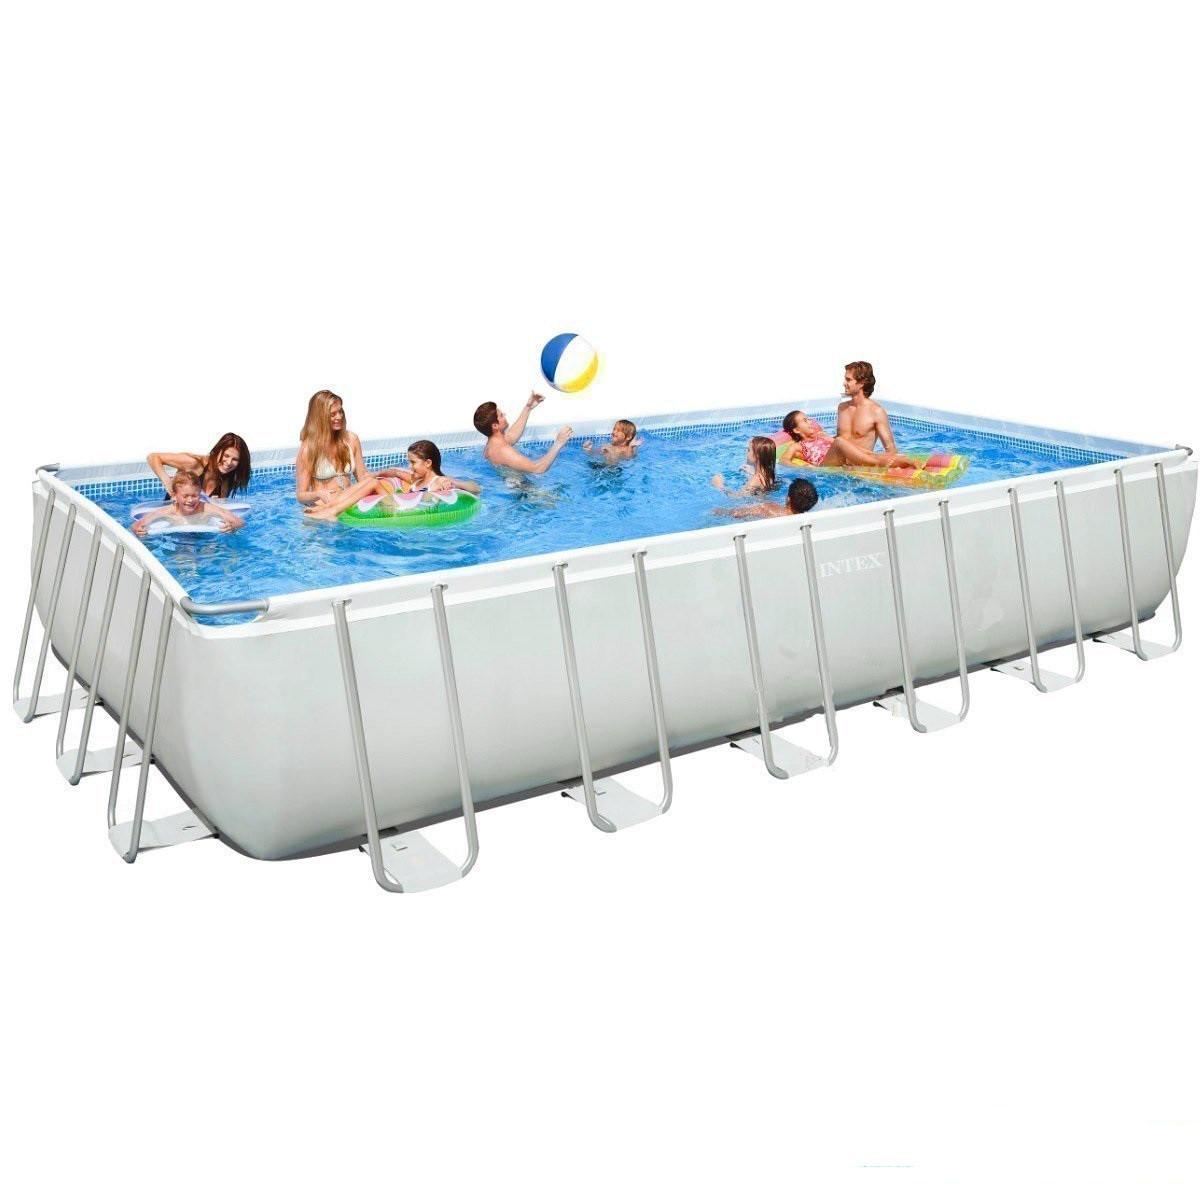 Каркасный бассейн Intex 28364-4  28366-4. Ultra Frame Rectangular Pool 732 х 366 х 132 см Басейн прямоугольный